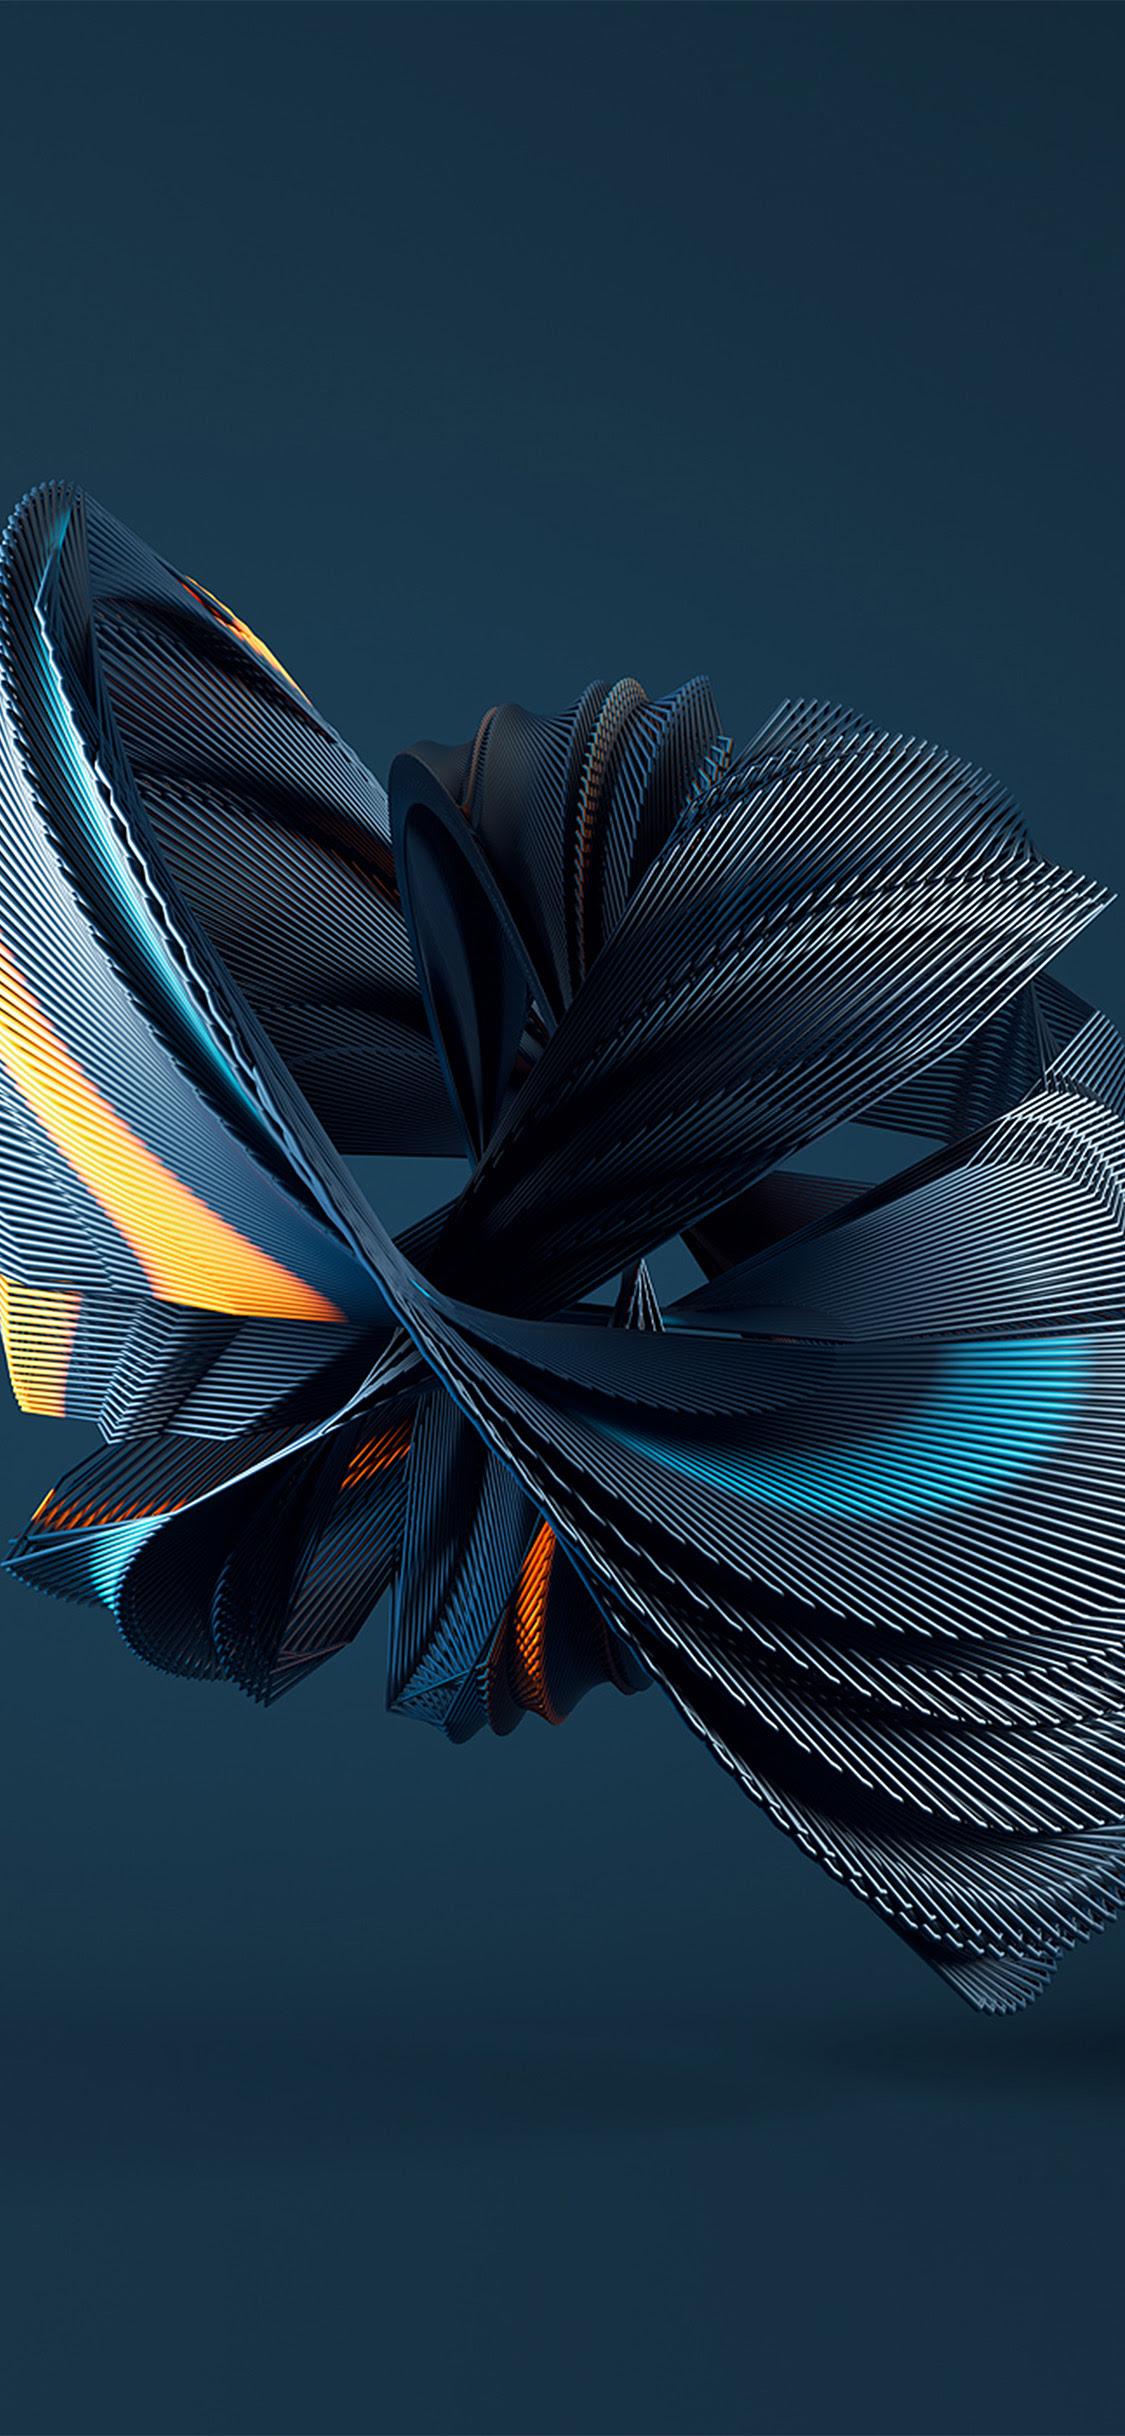 Iphonexpapers Com Iphone X Wallpaper Vz00 Digital Art Blue Weird Pattern Background